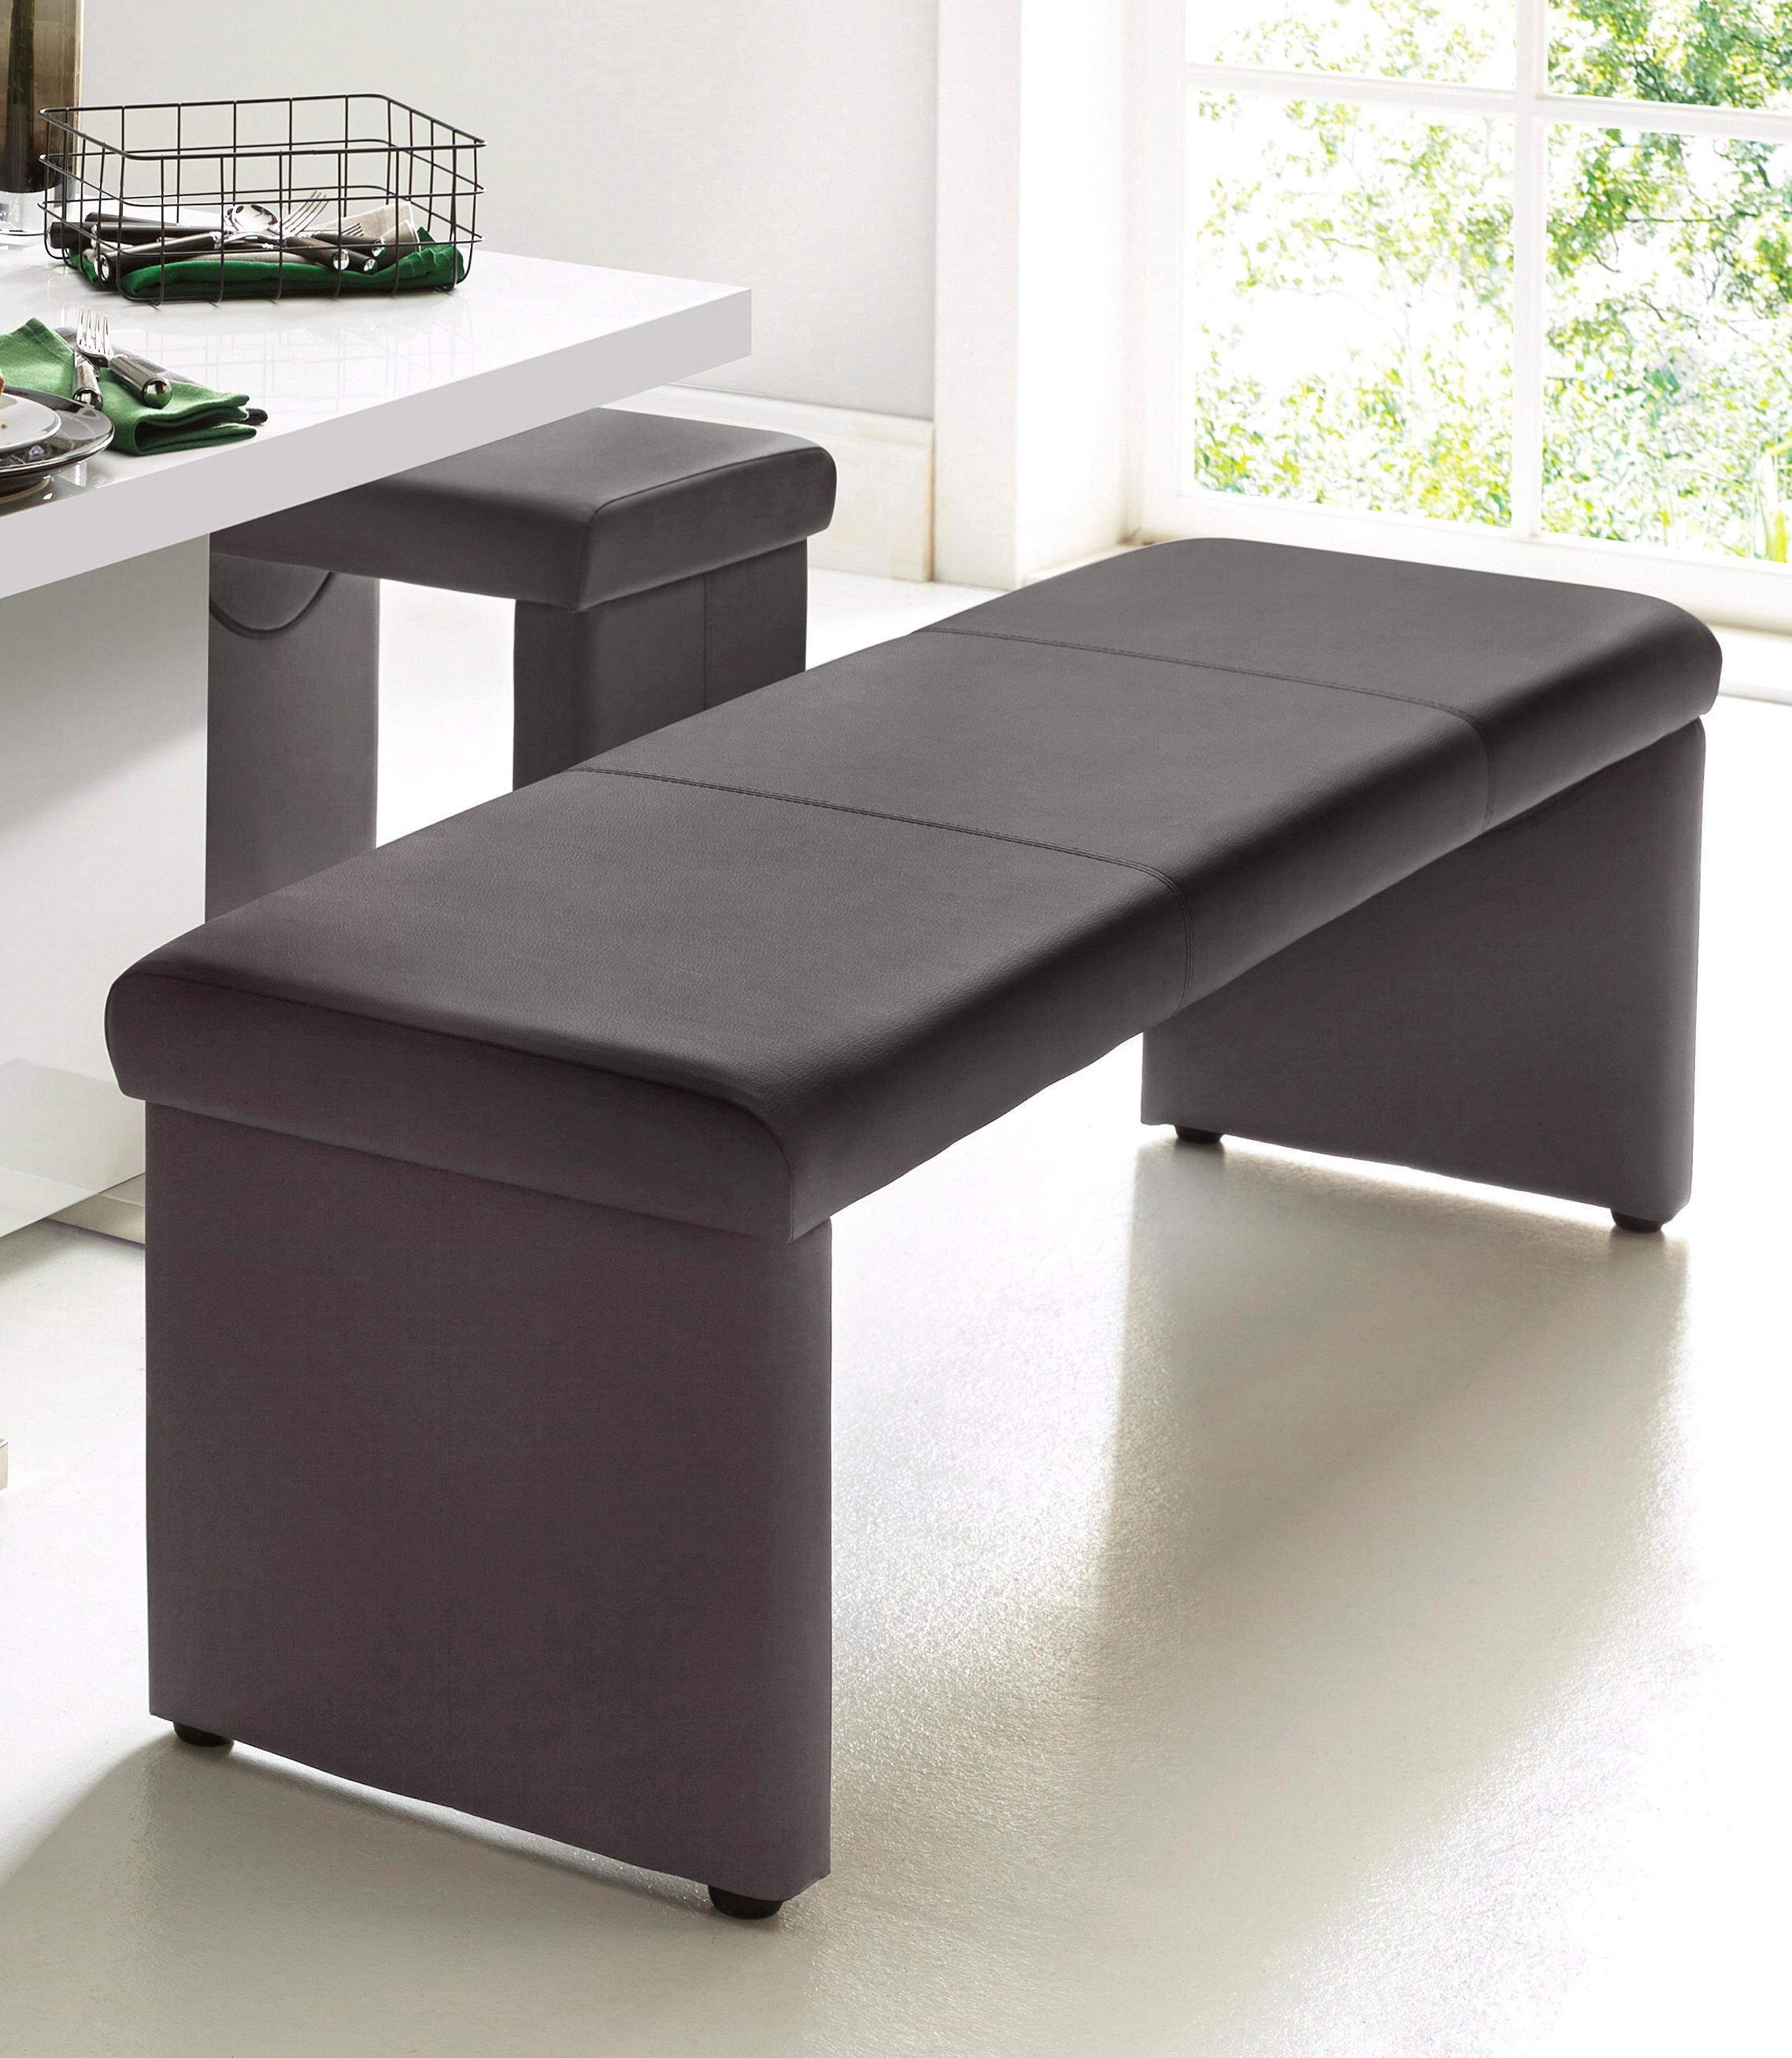 kunststein Einfache Sitzbänke online kaufen | Möbel-Suchmaschine ...